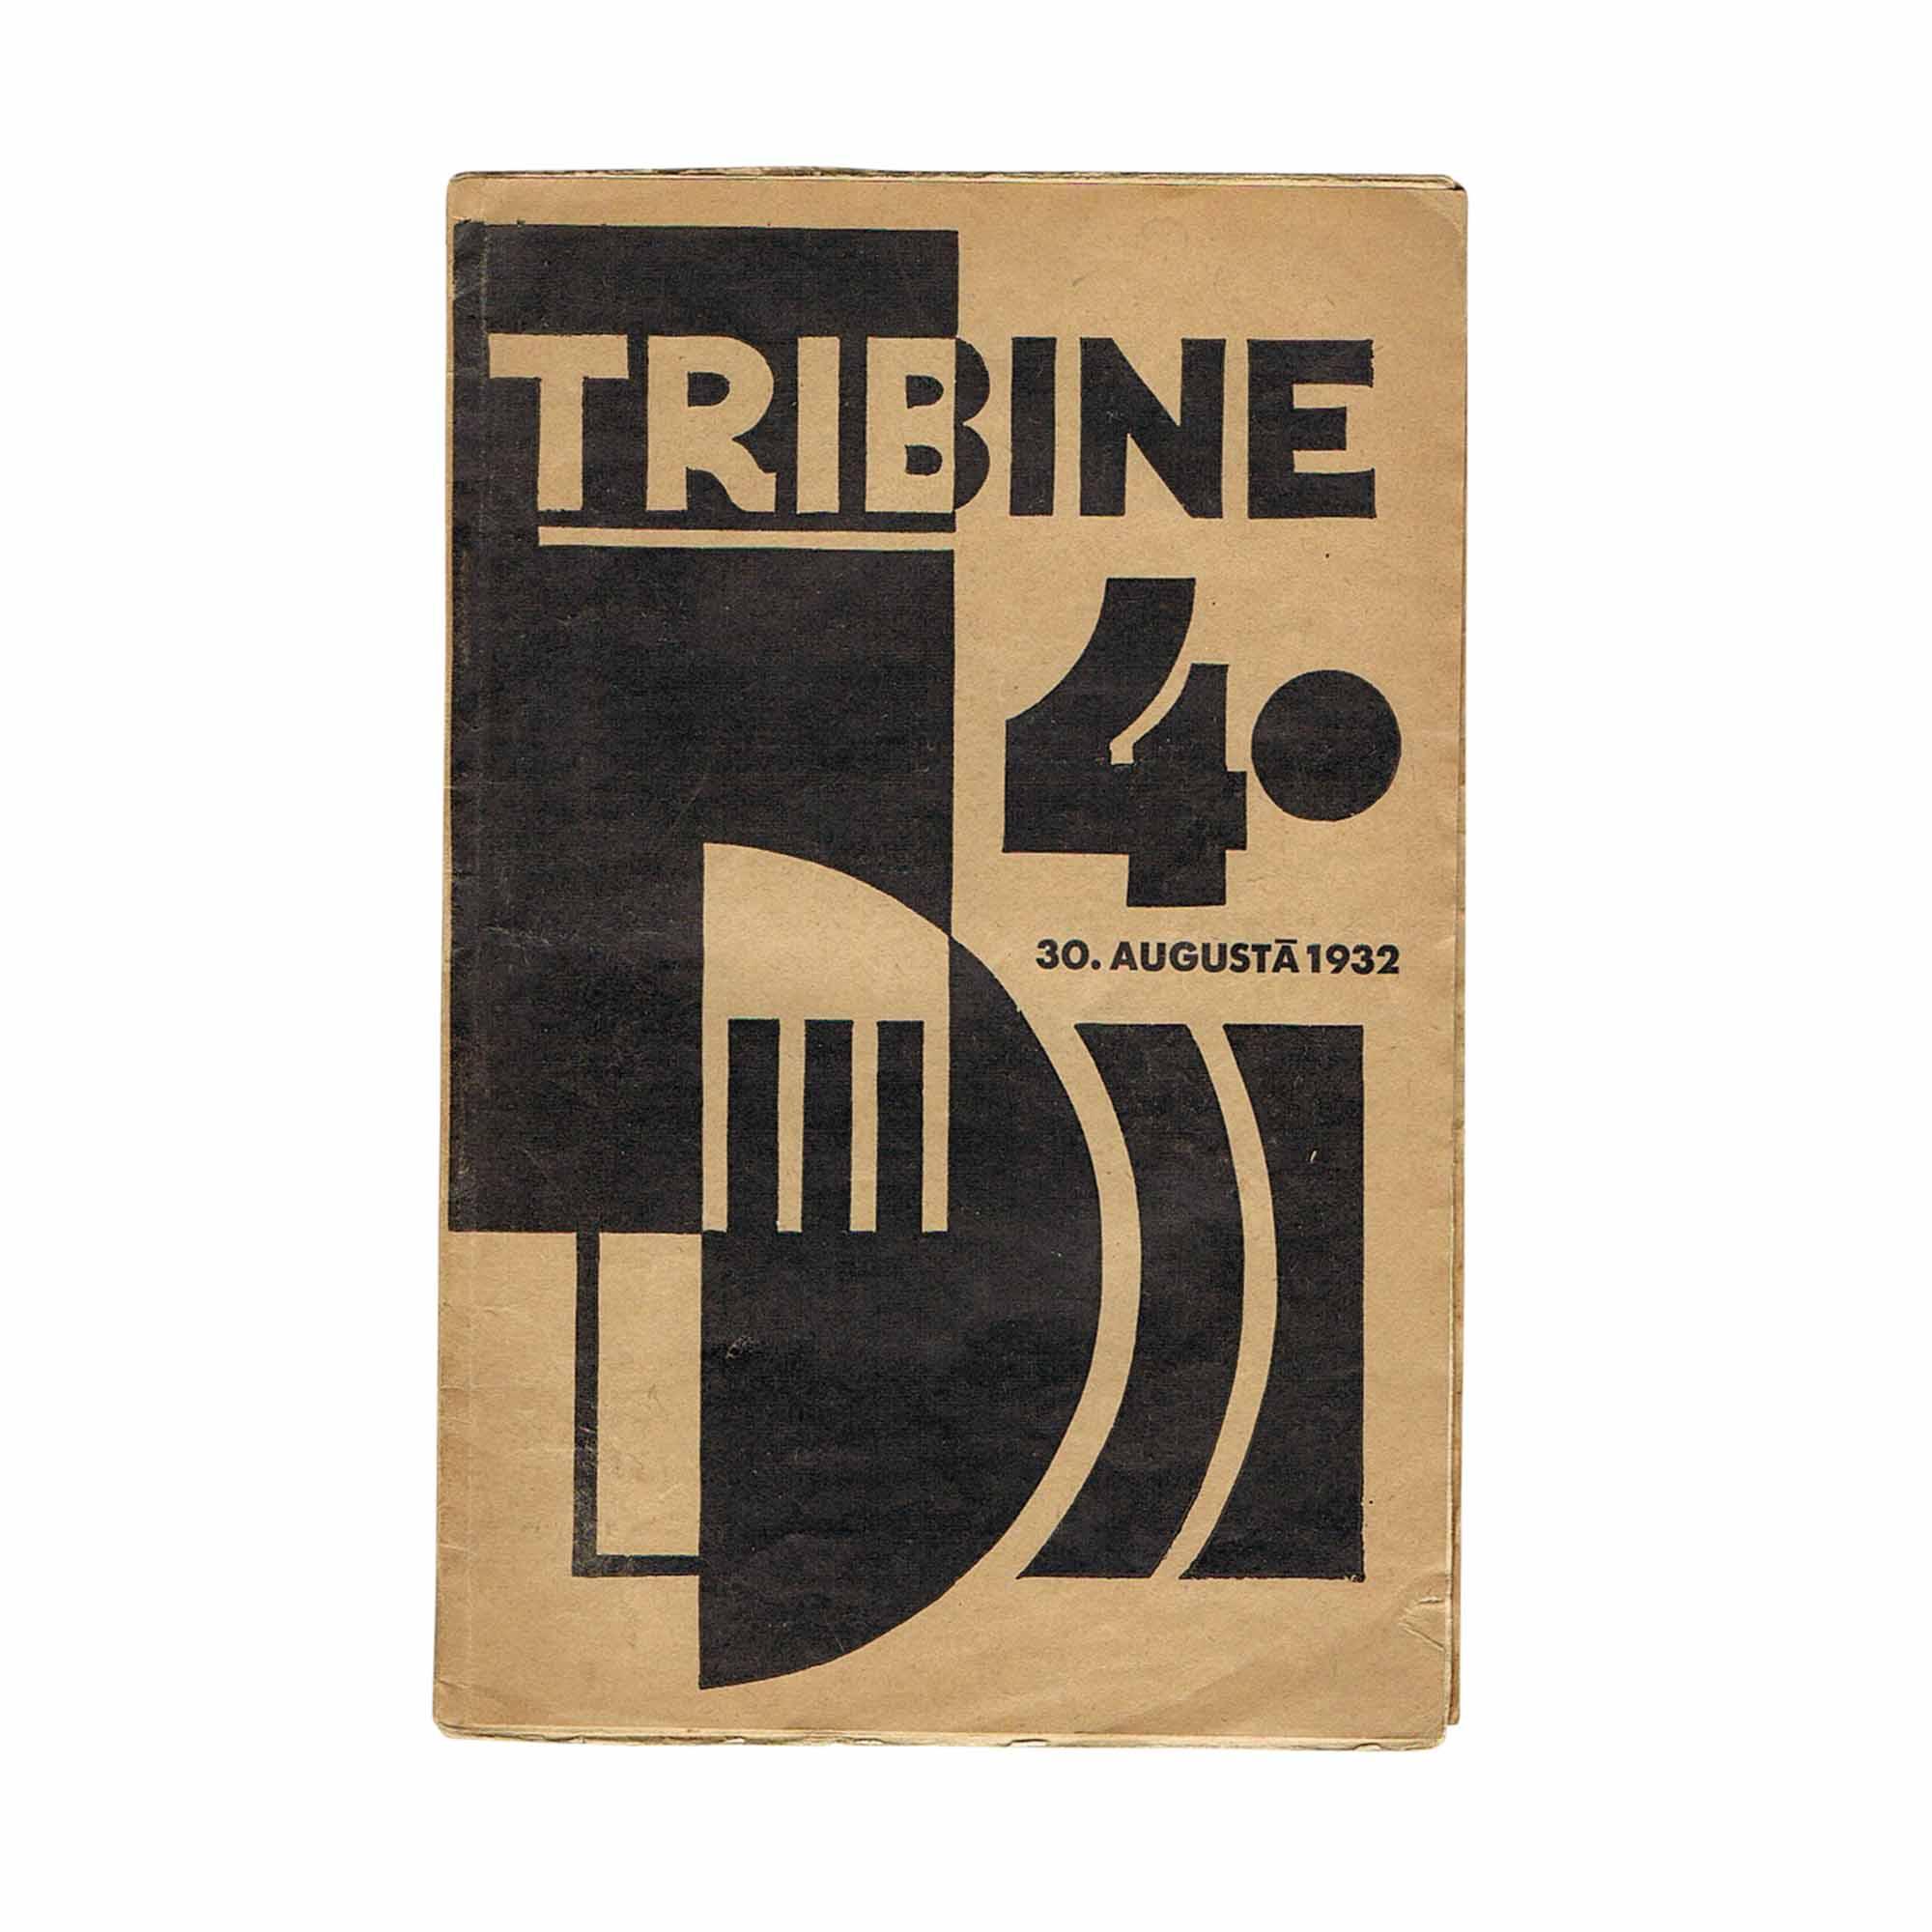 5209-Tribine-II-4-1932-N.jpg